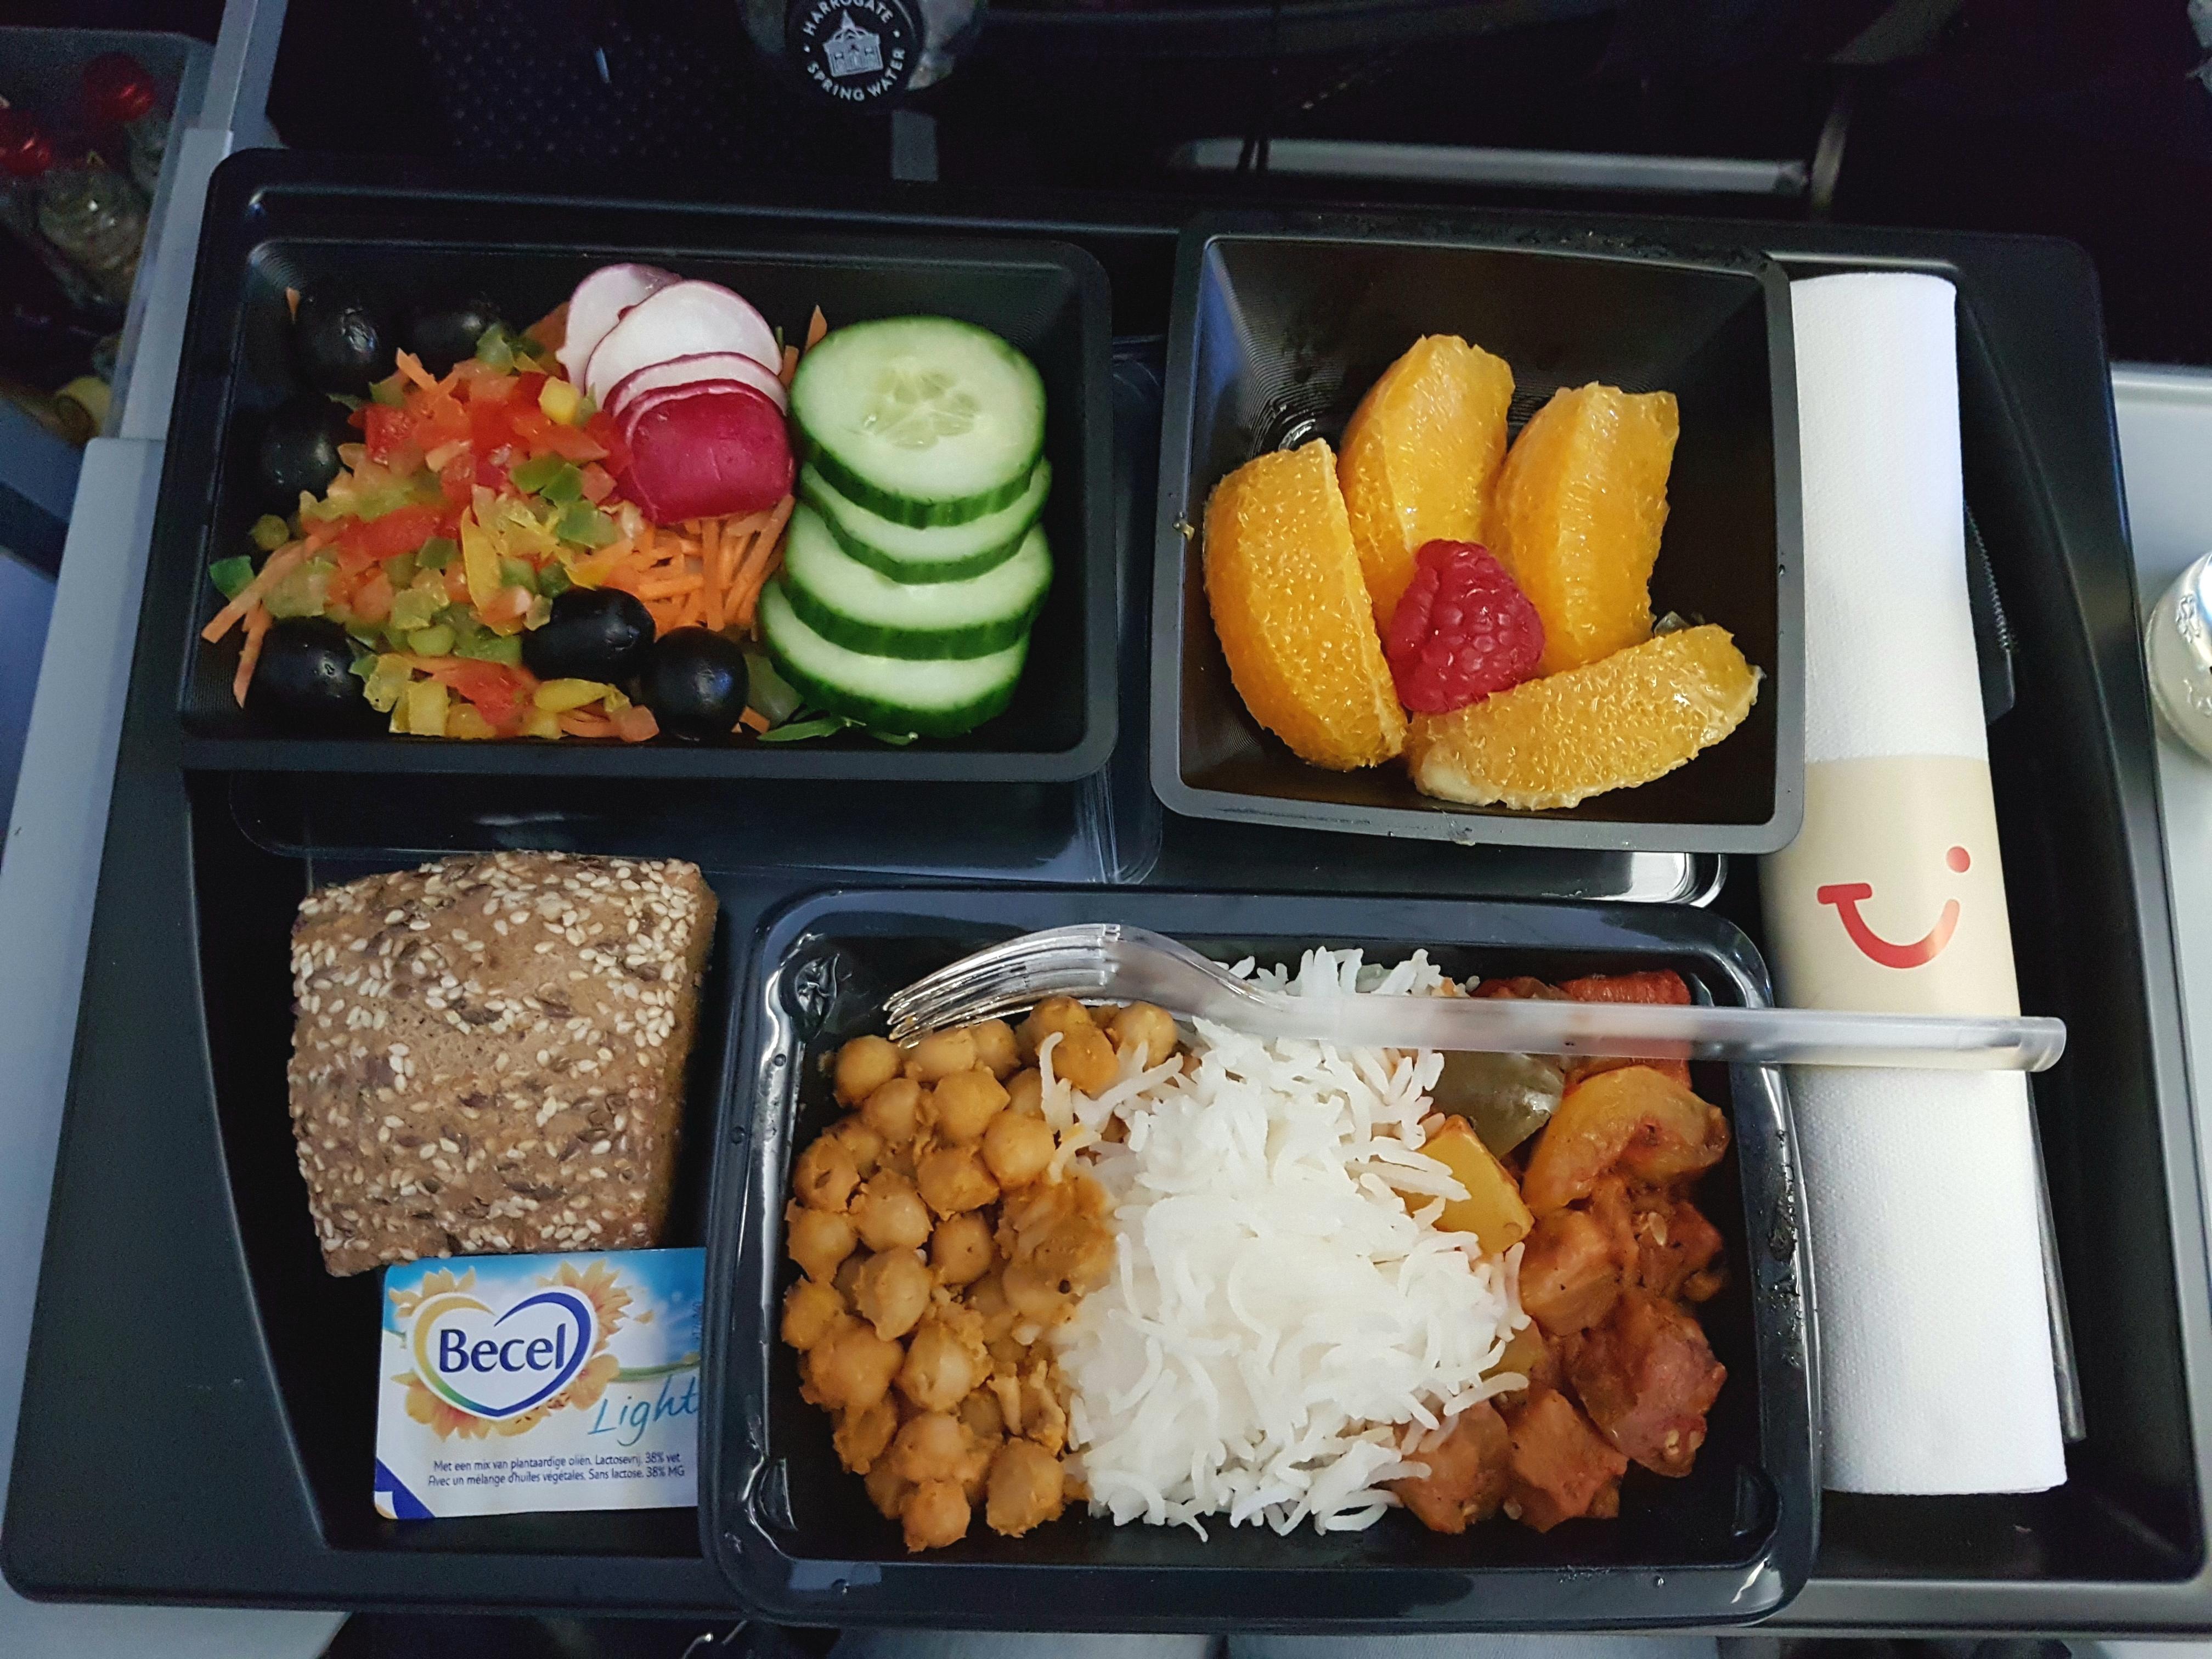 vliegtuig maaltijd tui